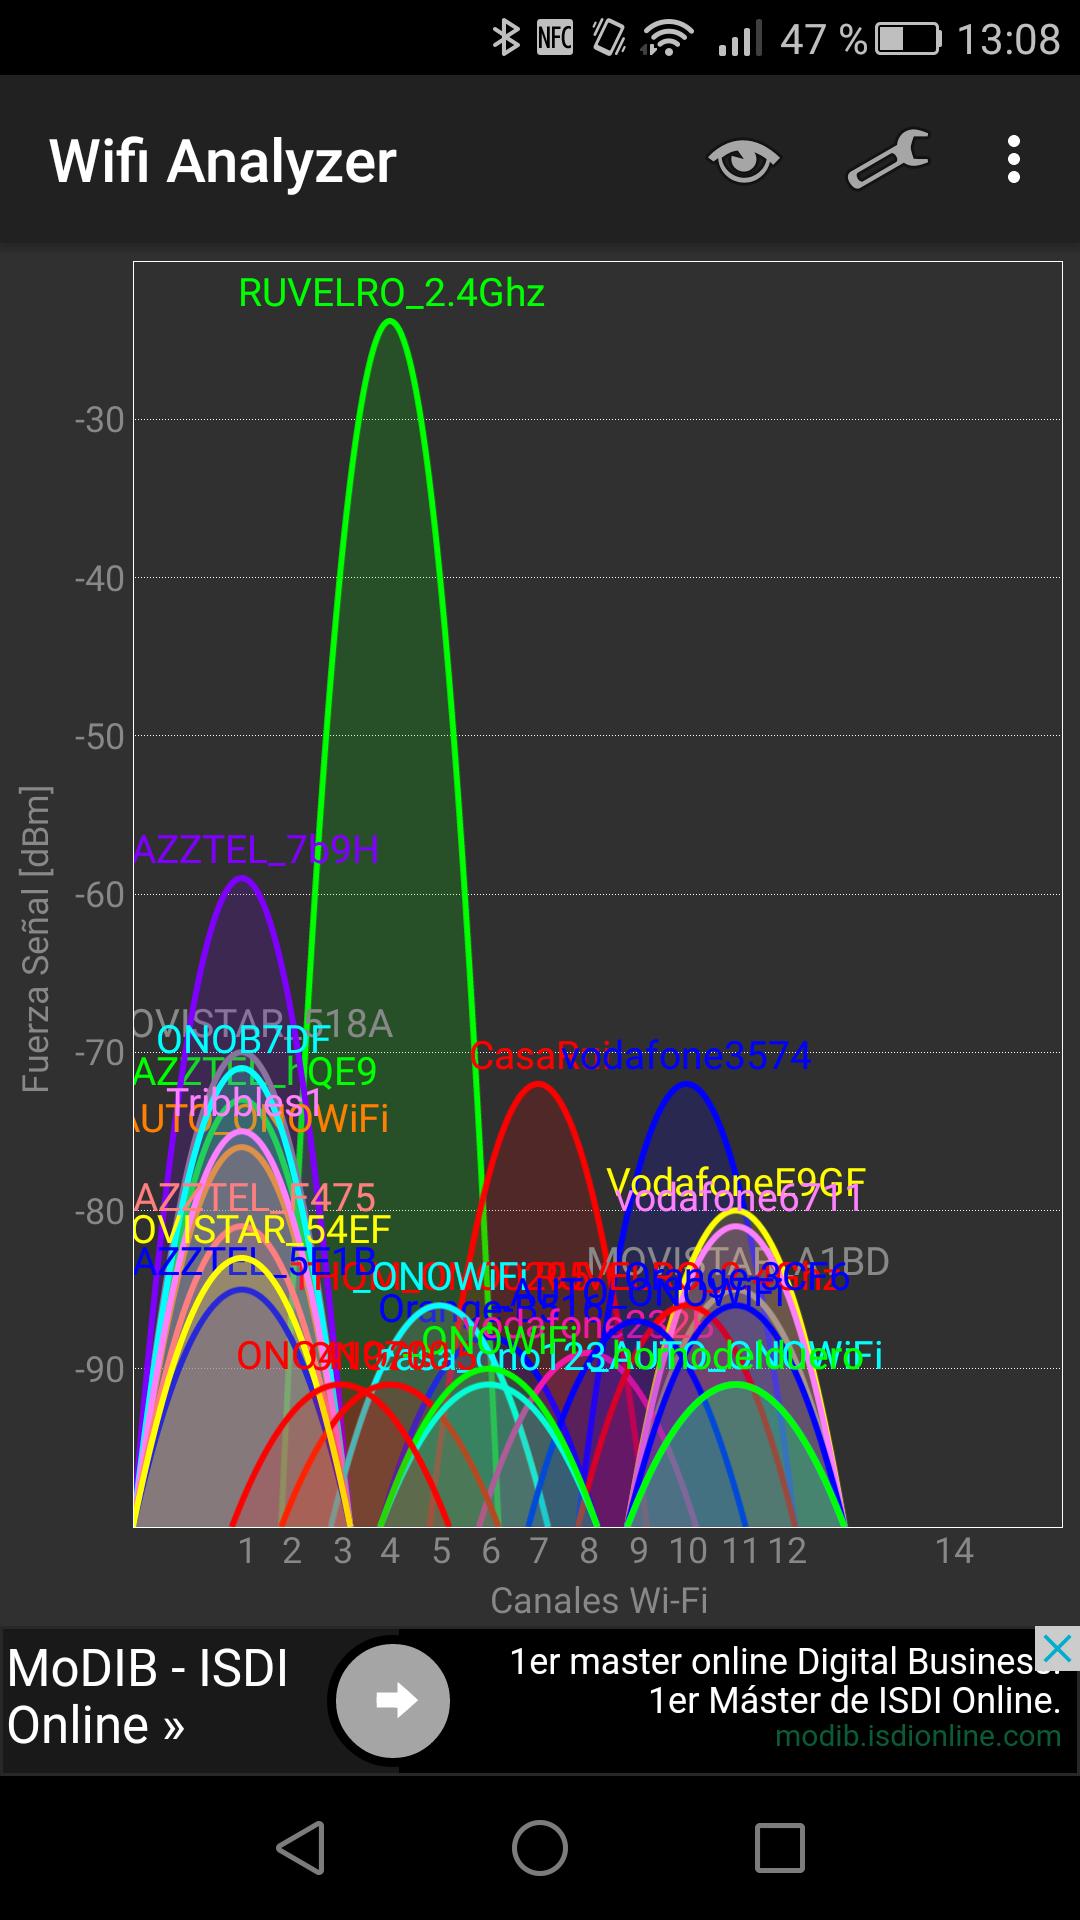 Cómo elegir mejor canal para red Wi-Fi - Ver canales WiFi Analyzer